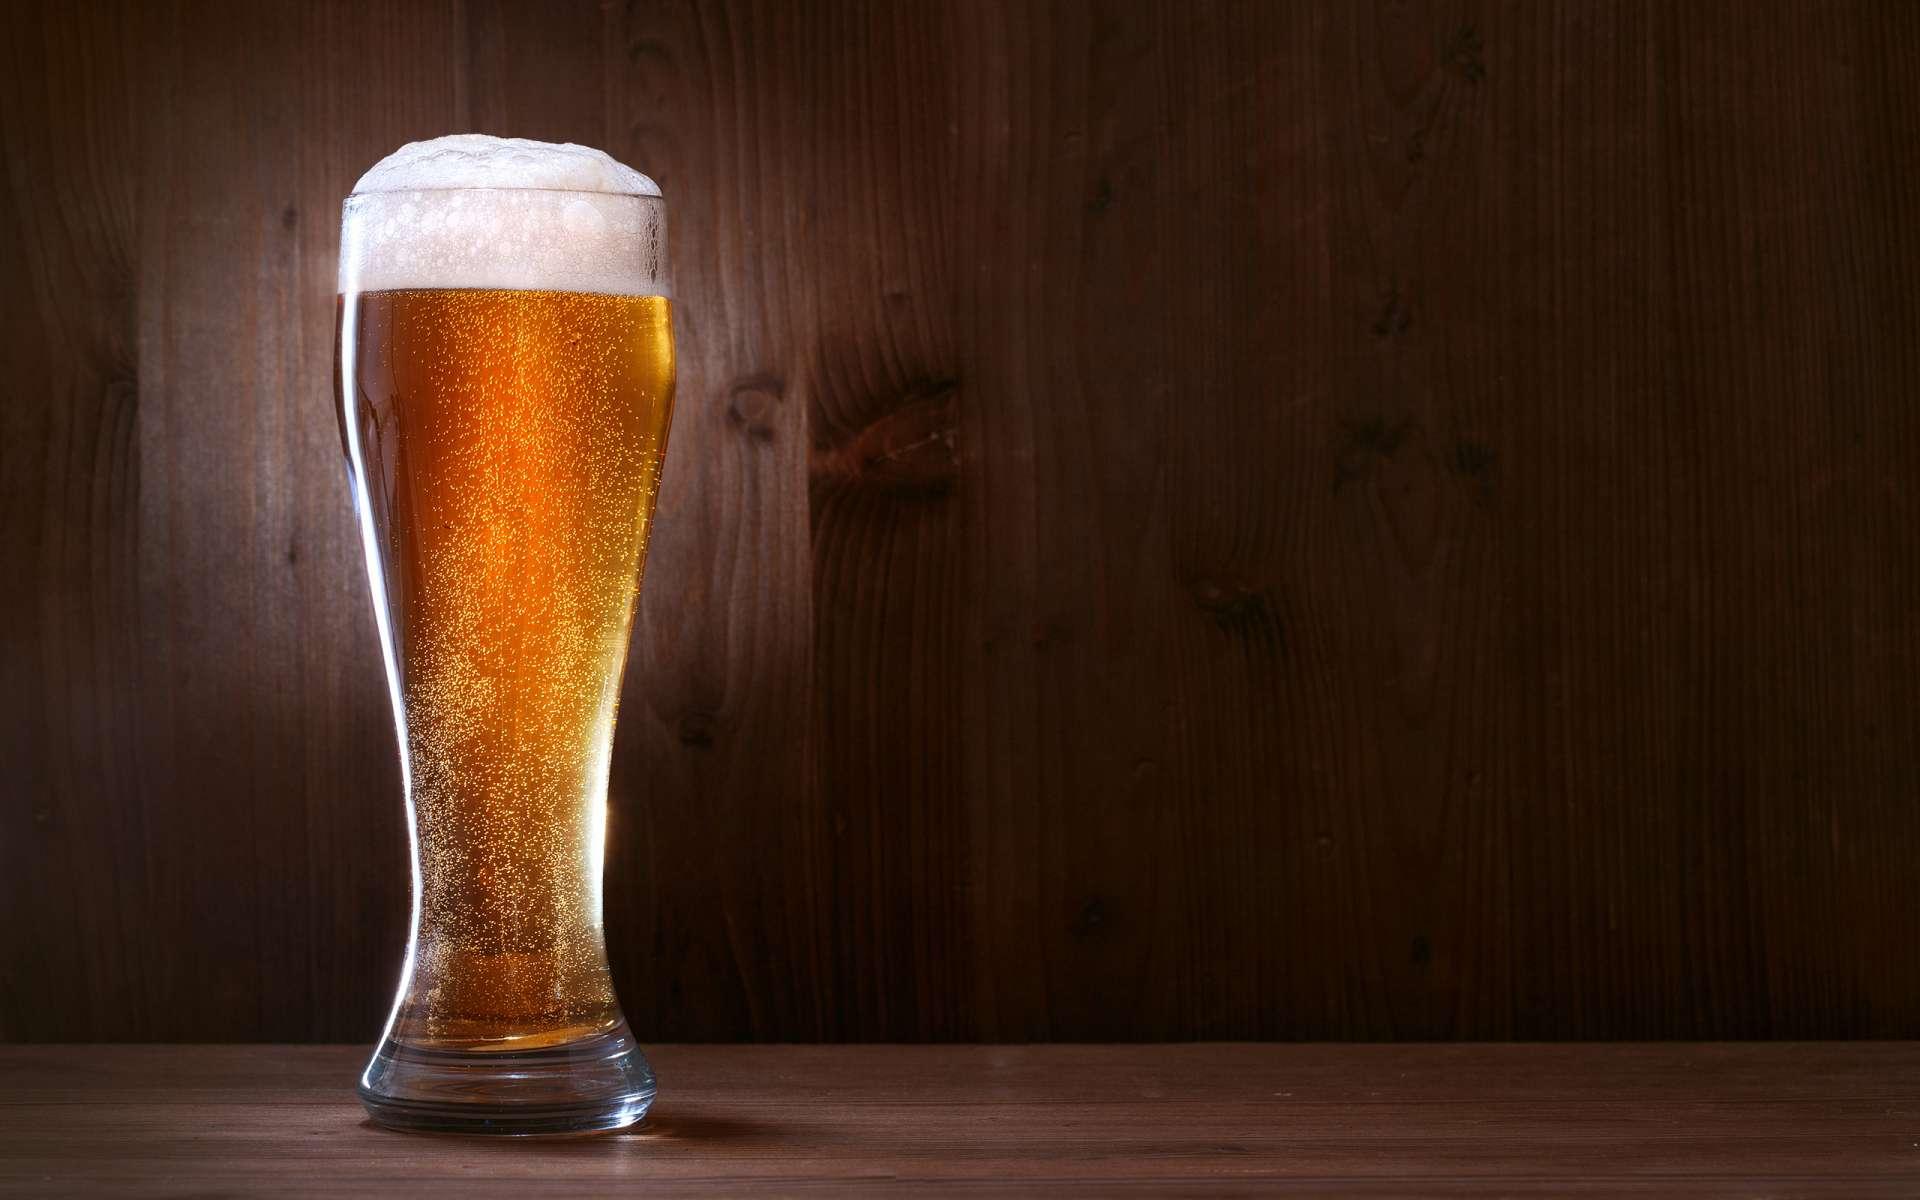 Фото бокала с пивом